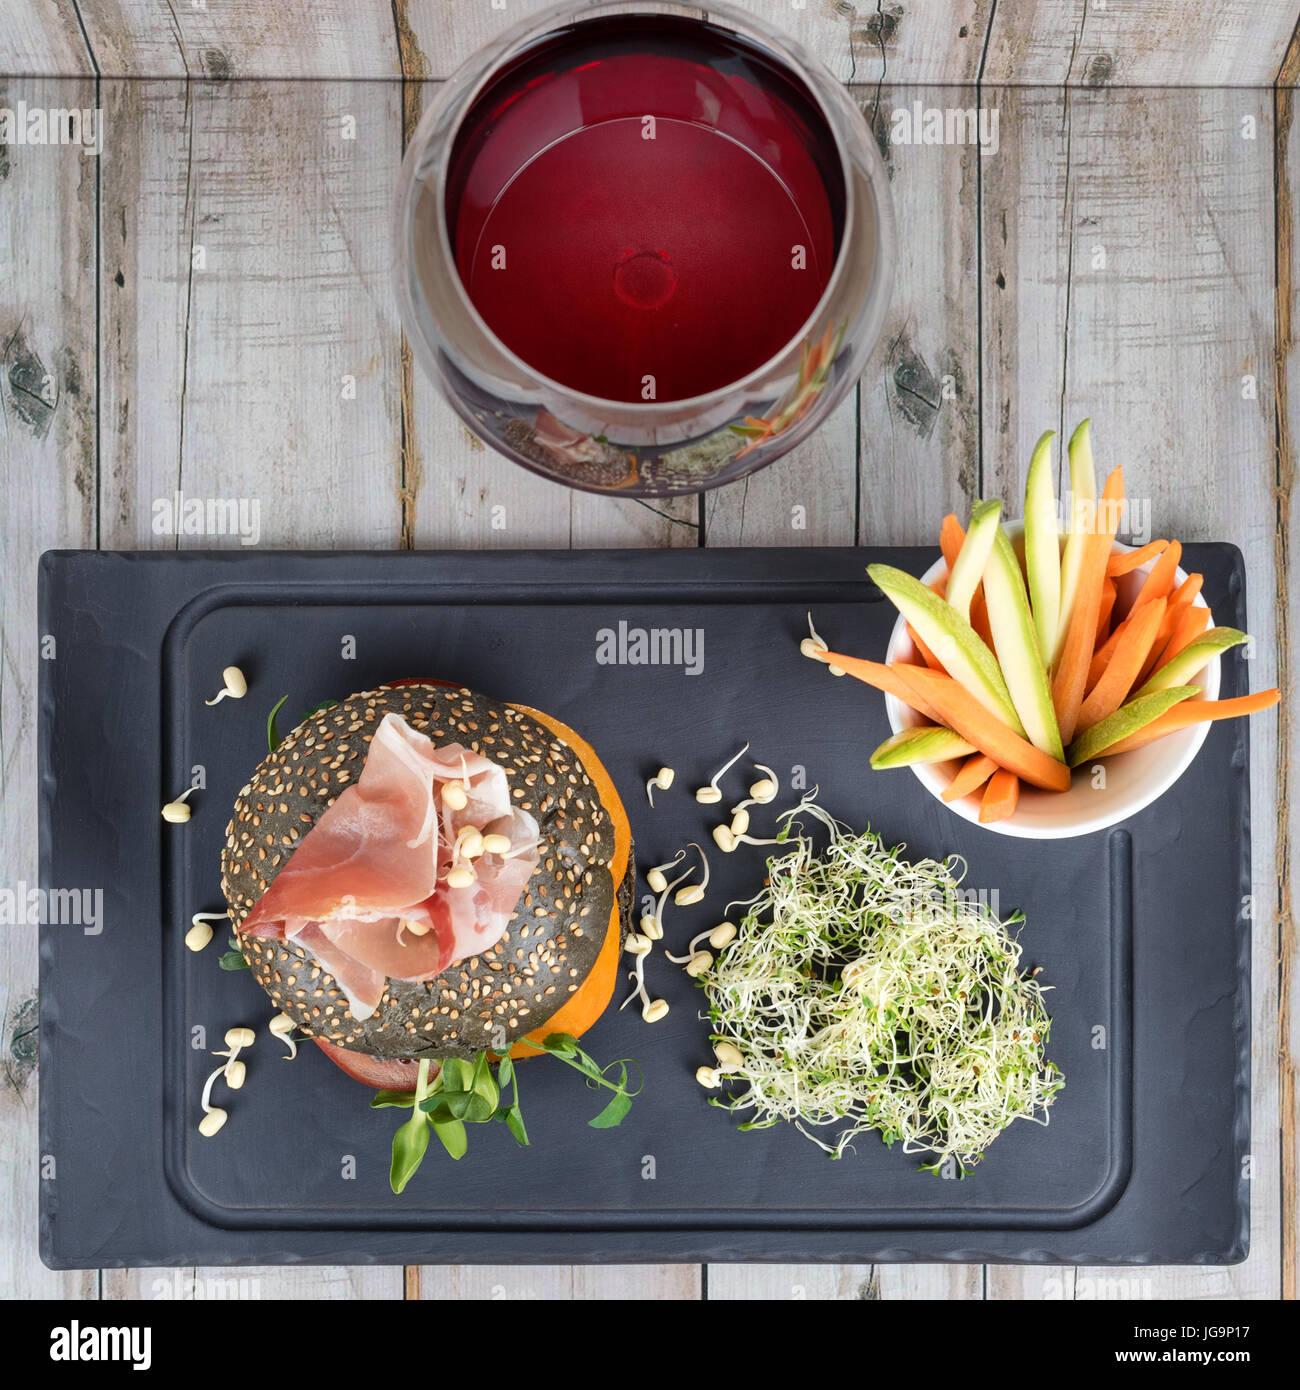 Hamburguesa saludable con hamon, tomates, micro verdes y negros panecillos integrales, Palitos de verduras y vino Imagen De Stock